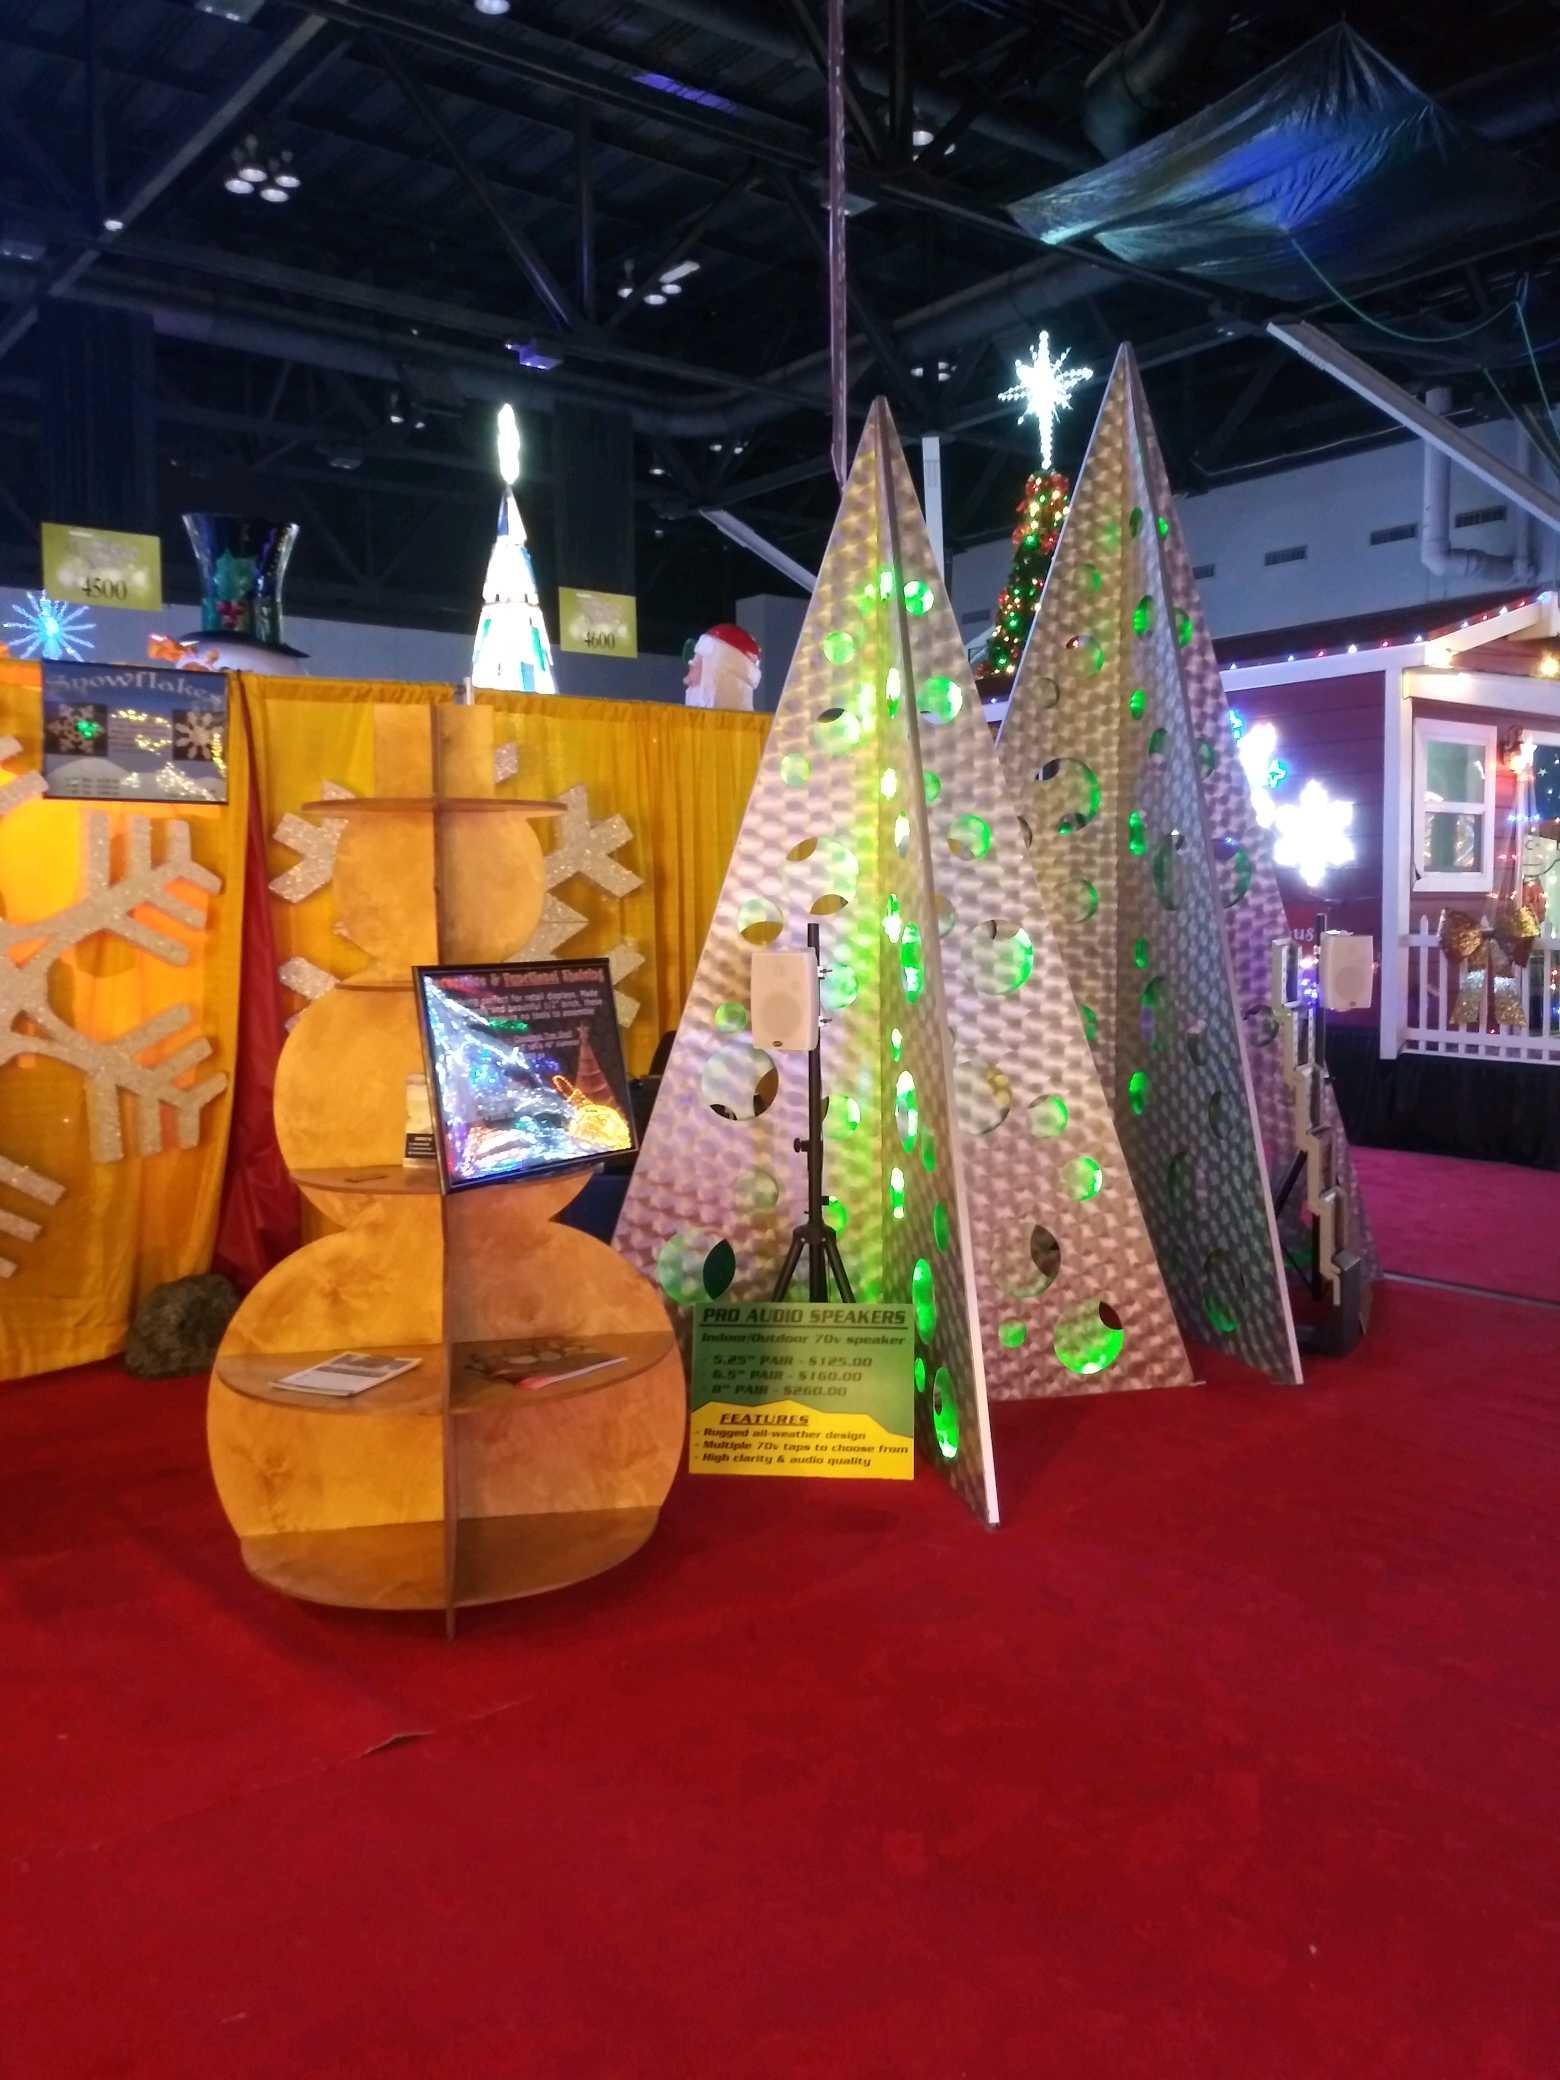 Christmas Displays at TransWorld